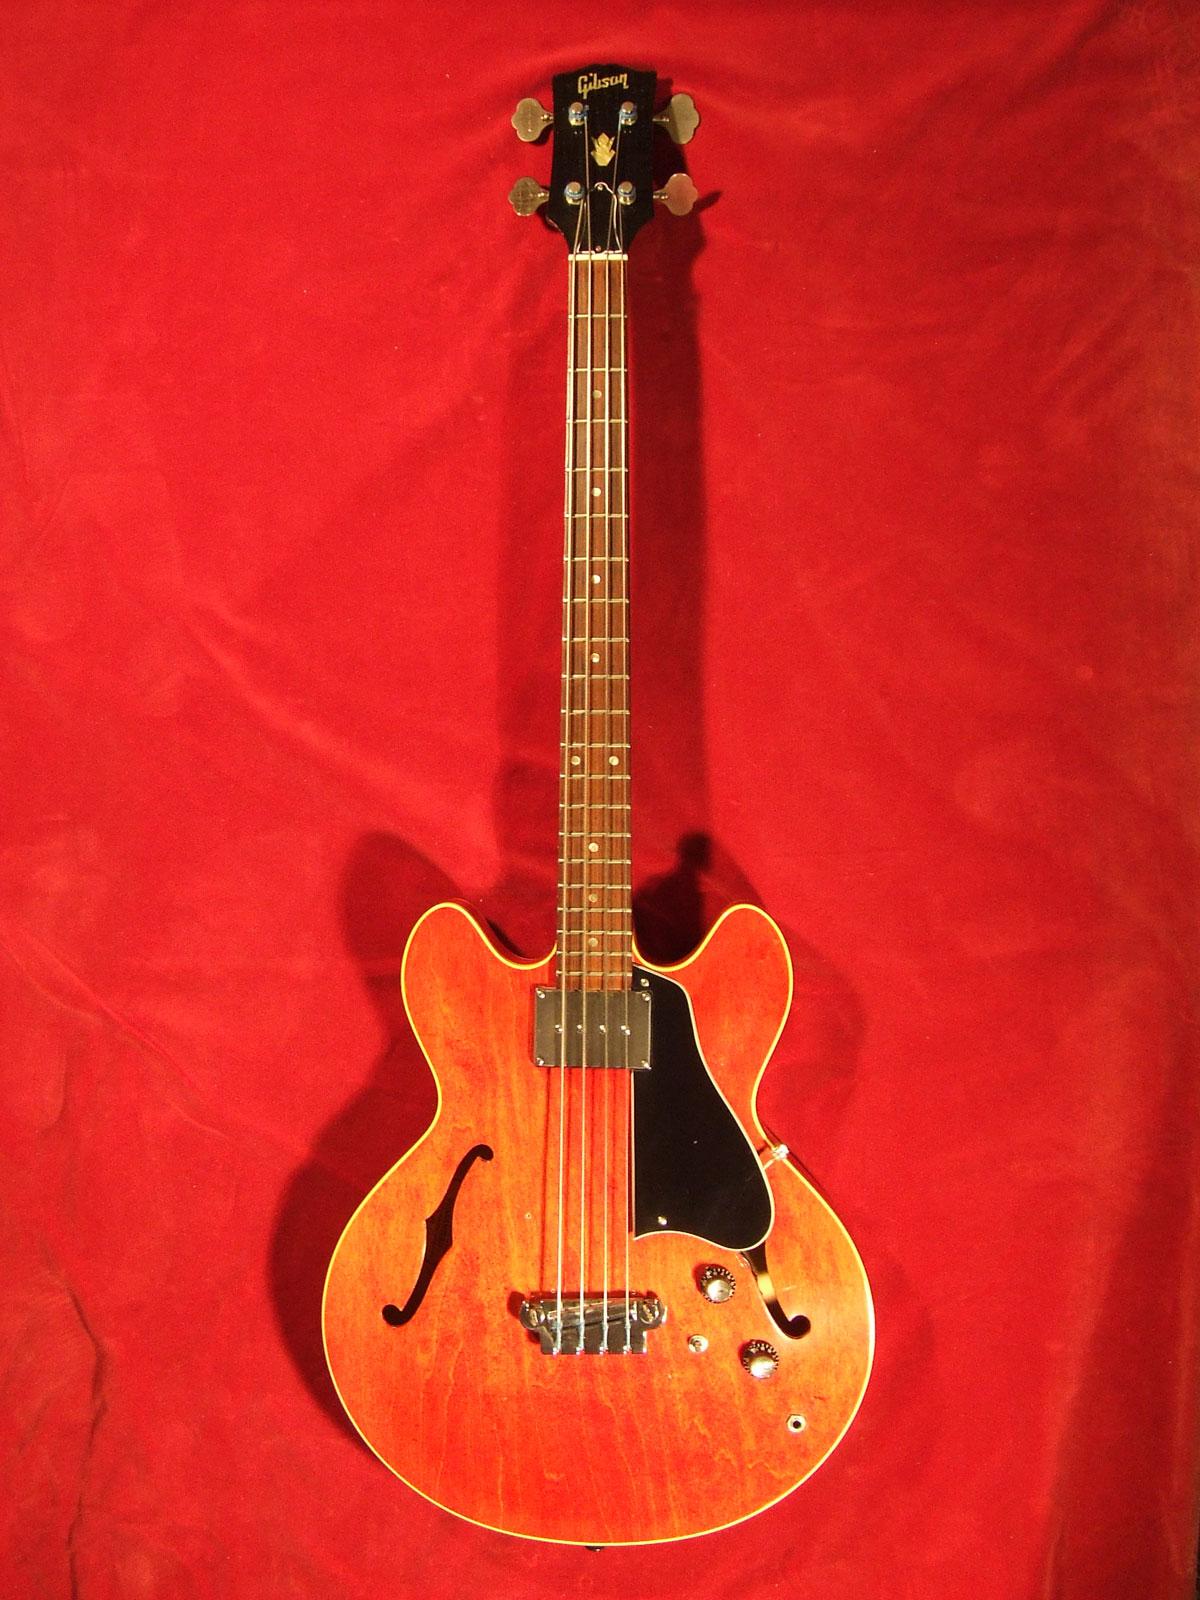 Gibson EB-2 - Wikipedia